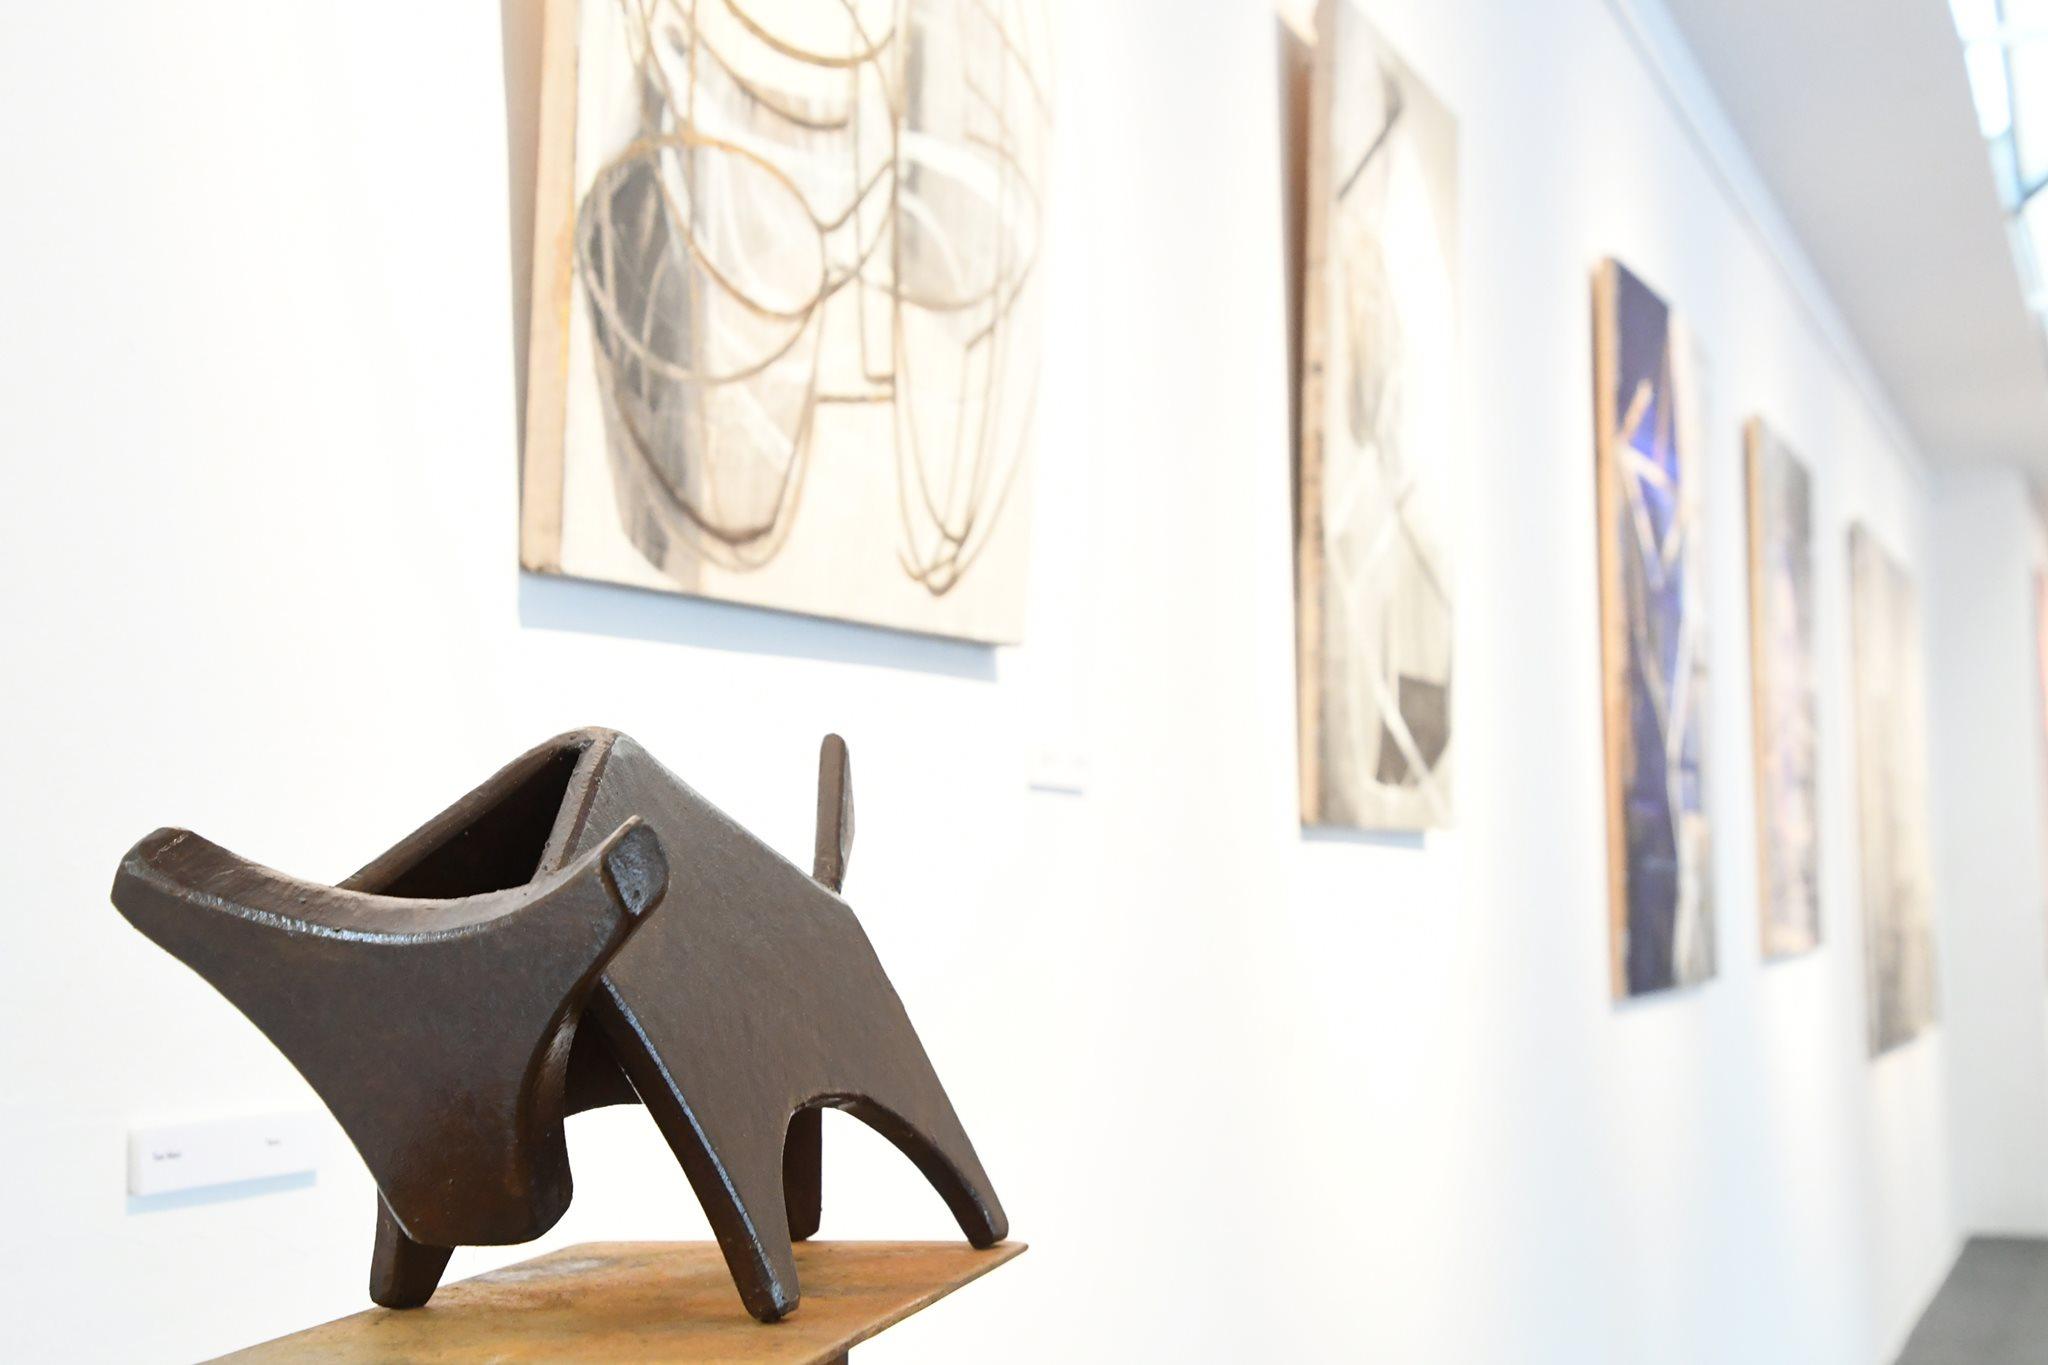 Escultura en la exposición Art 7 cable